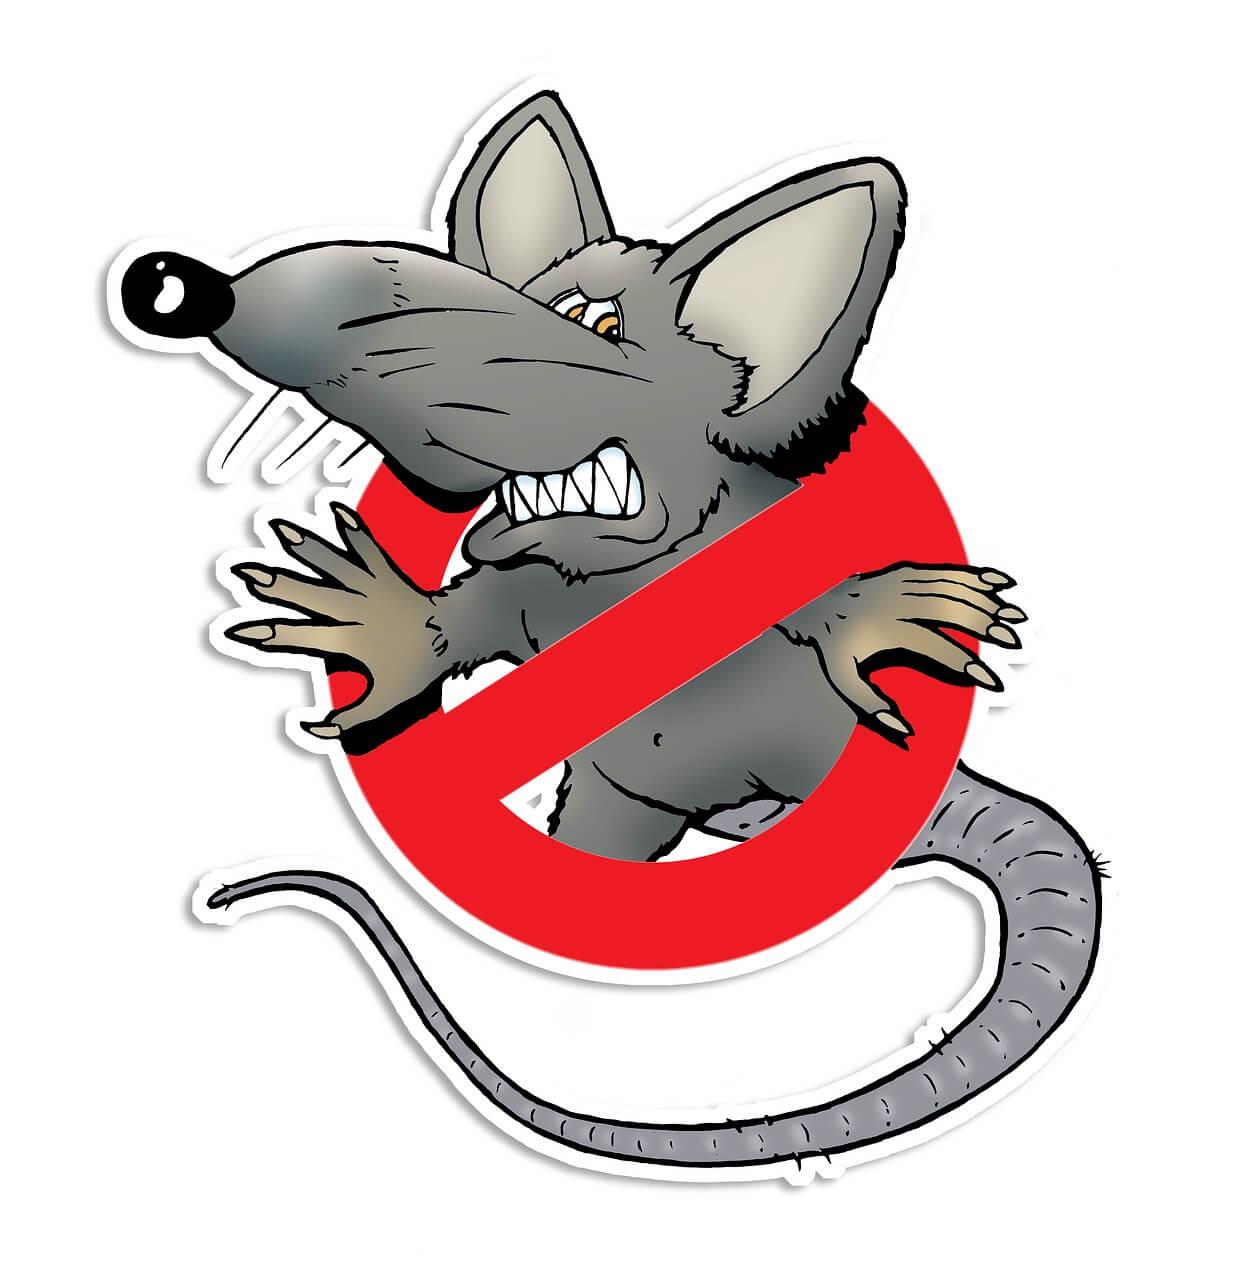 L'hygiène le meilleur ennemi des rats